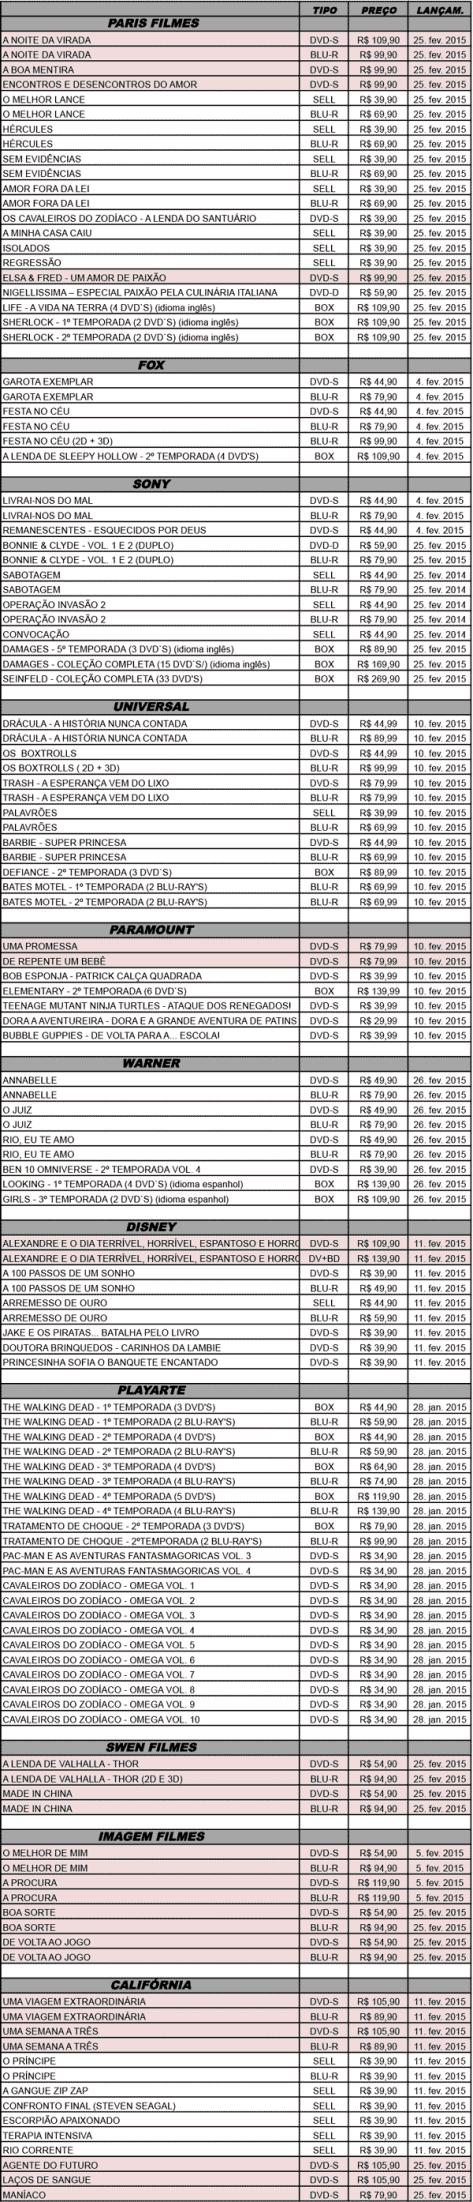 listao-fevereiro-2015